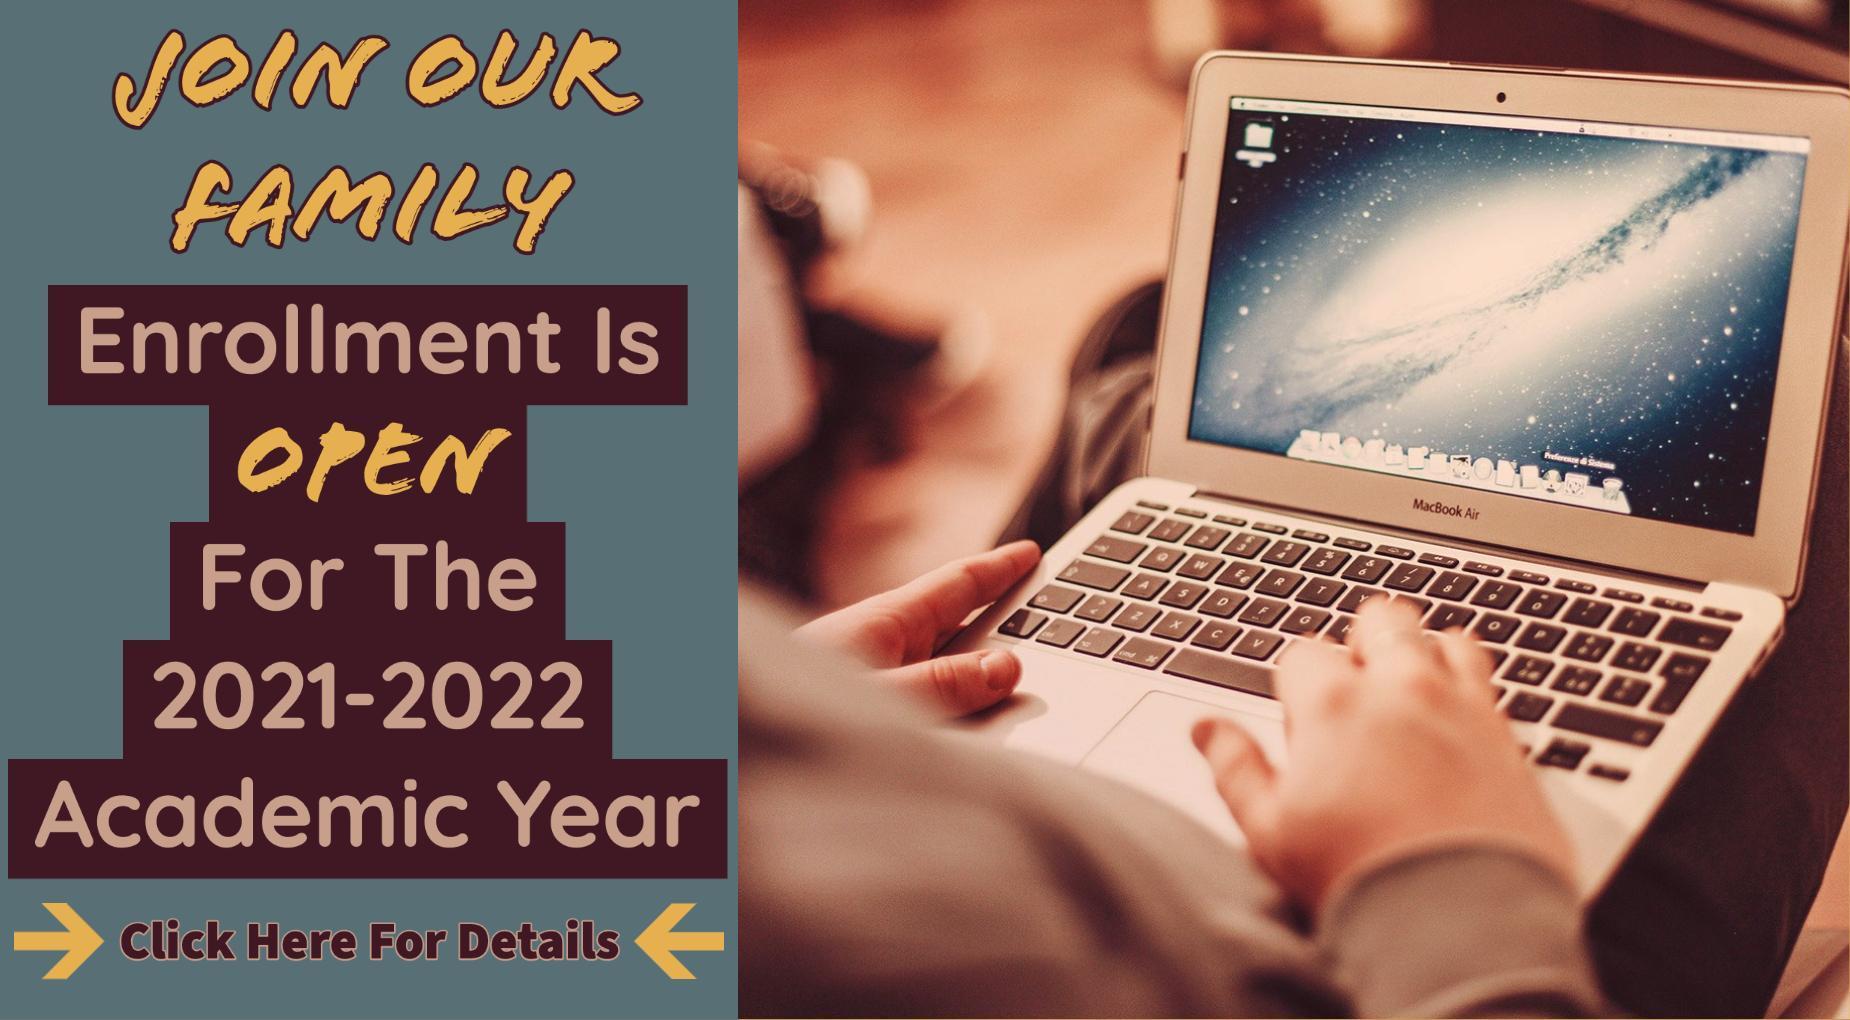 Enrollment 21-22